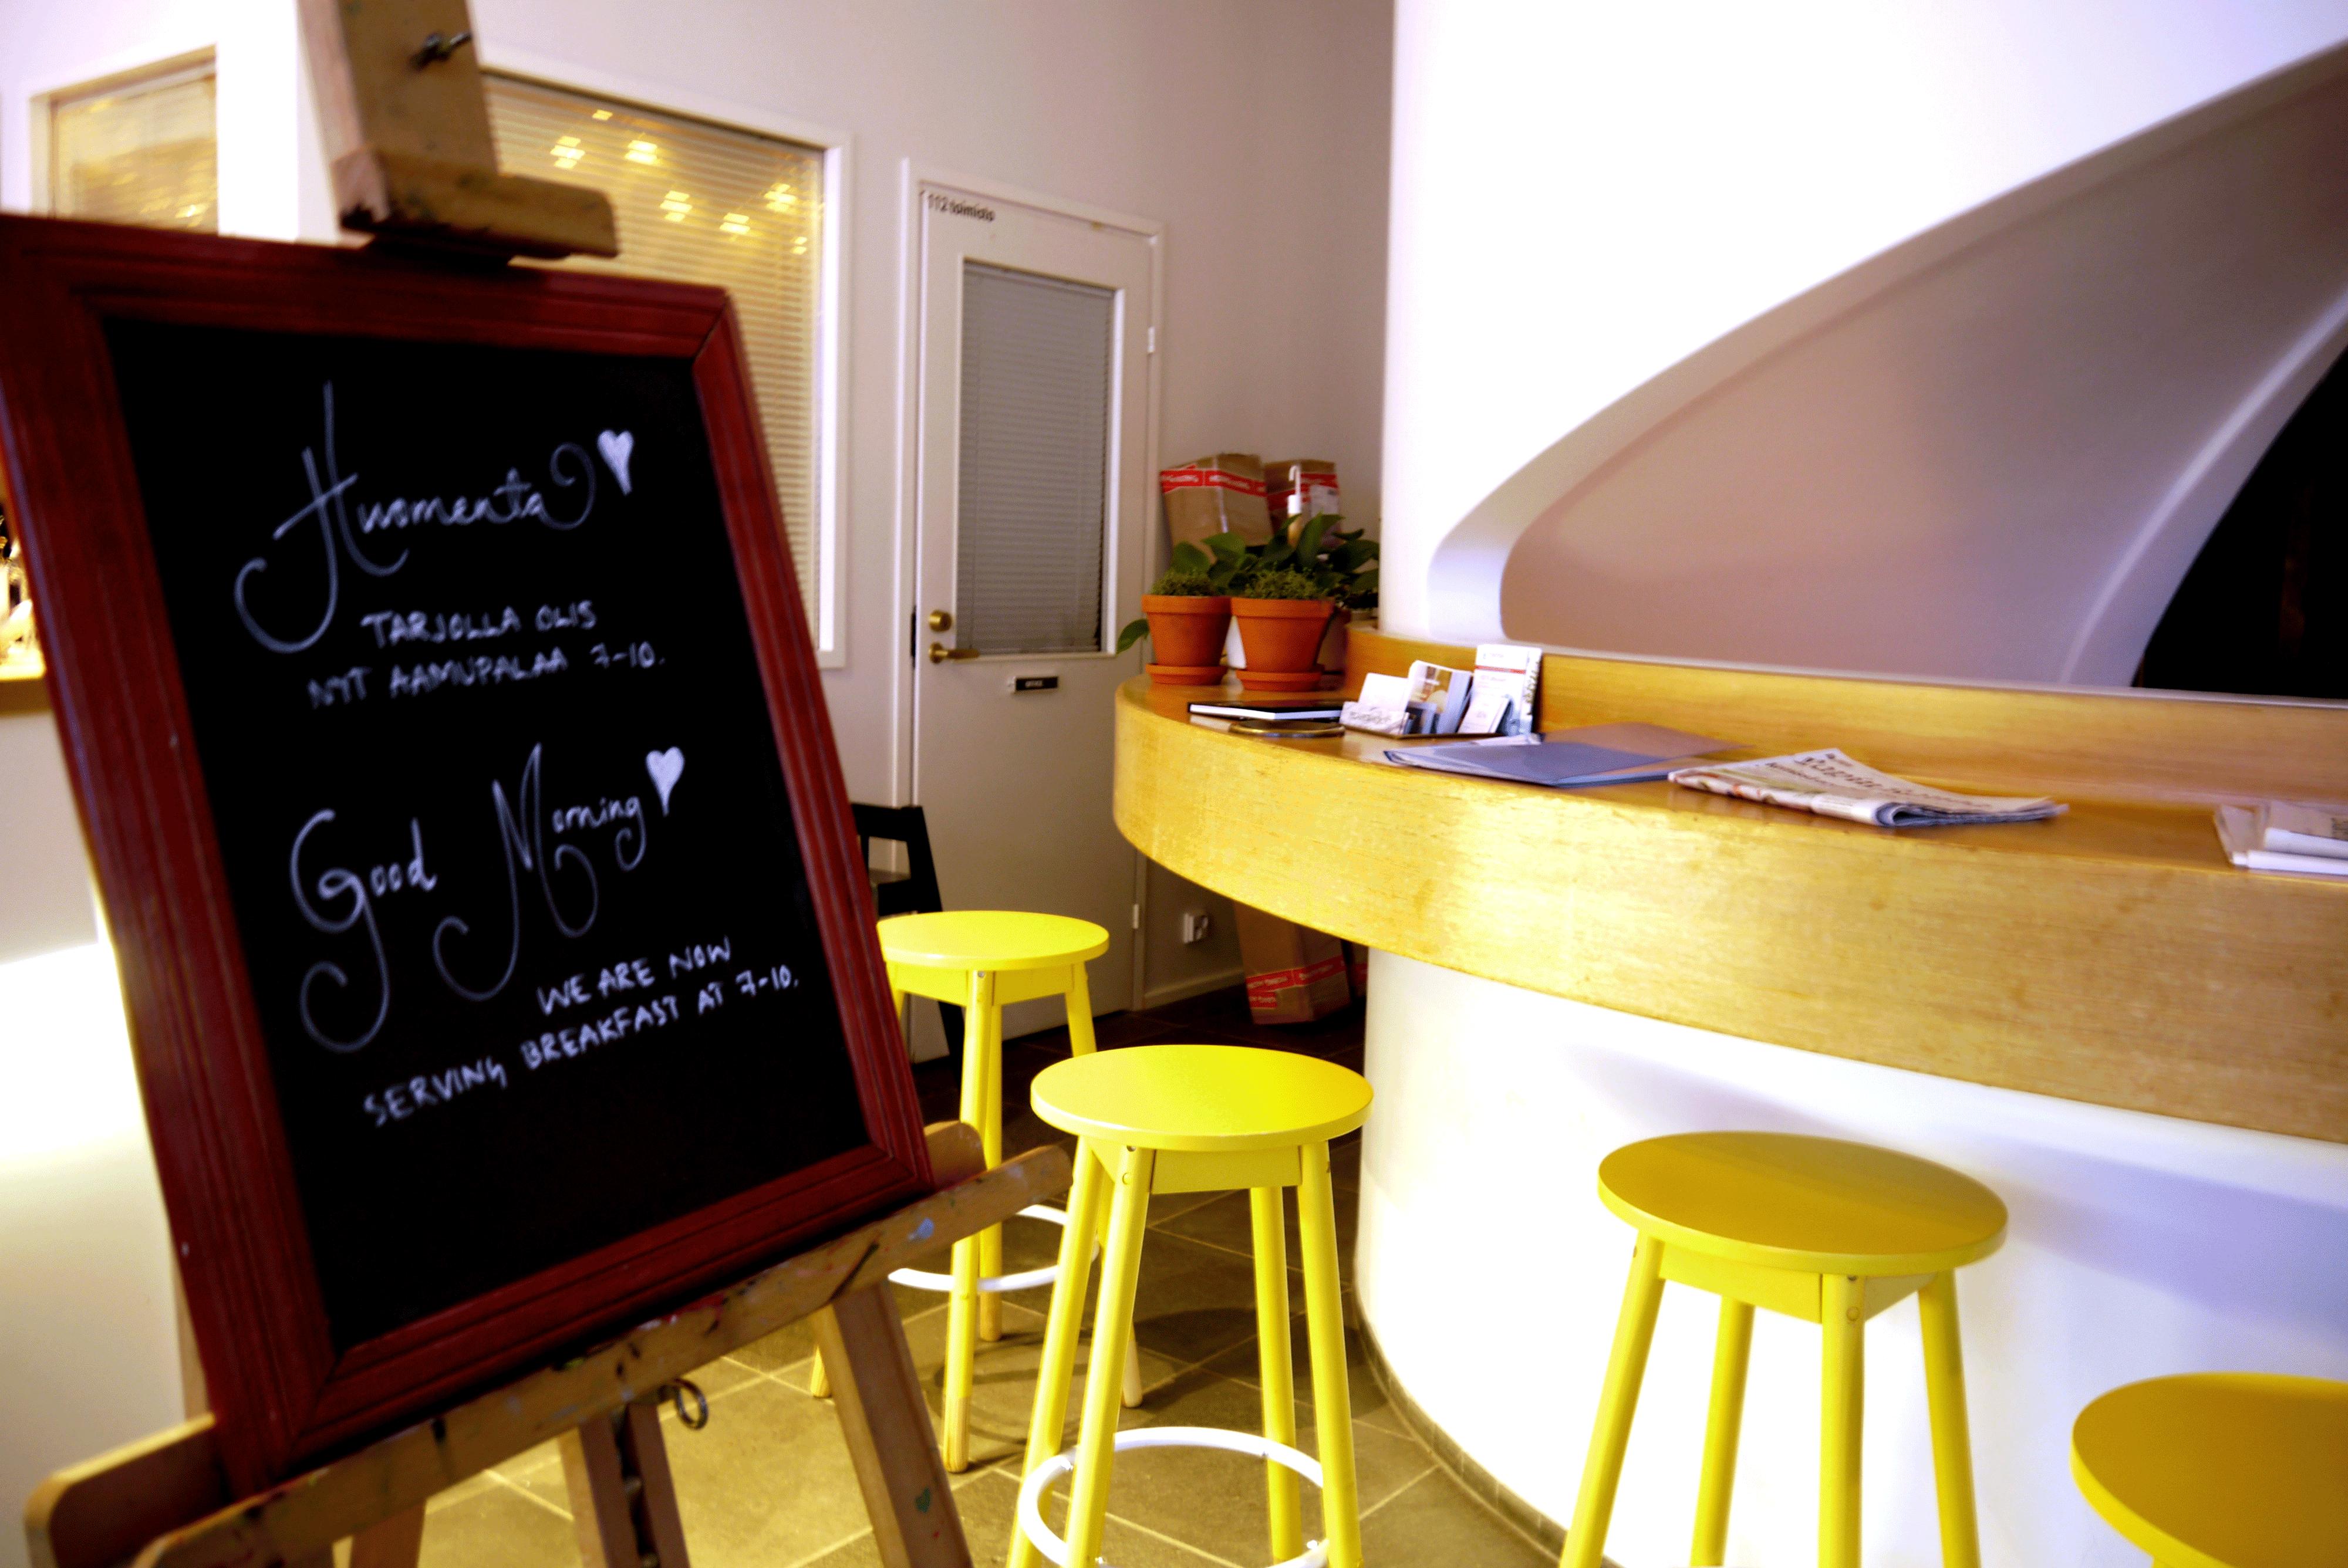 Frühstücks-Tafel Café Koti